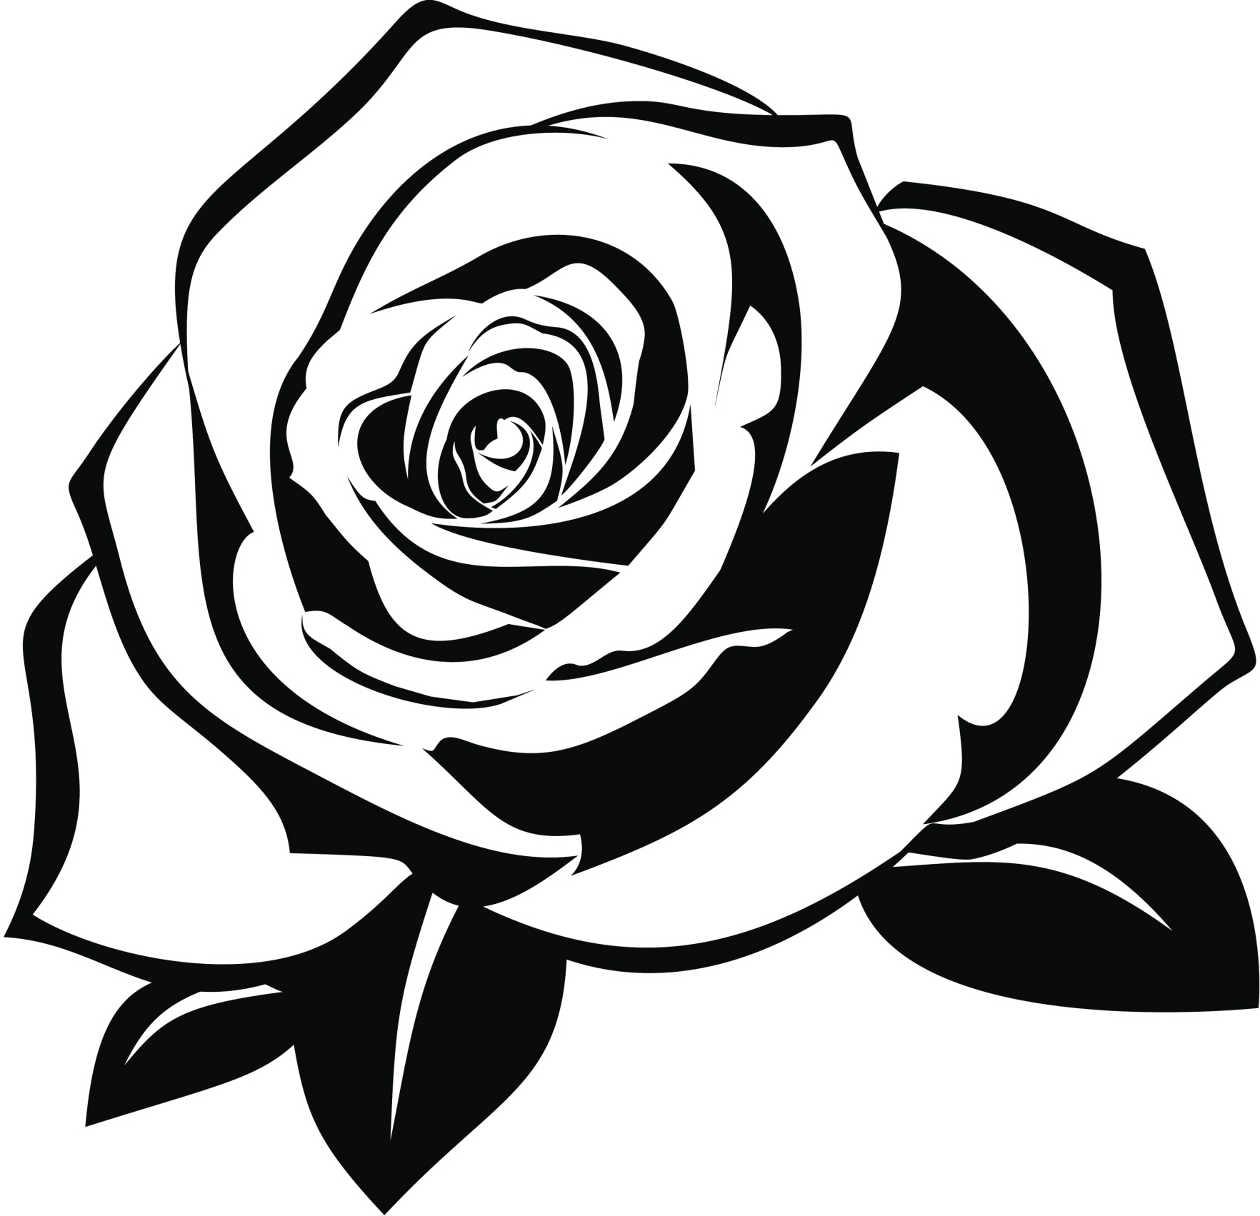 1260x1216 Dibujos De Rosas 10 Seleccion Comic Stenciling